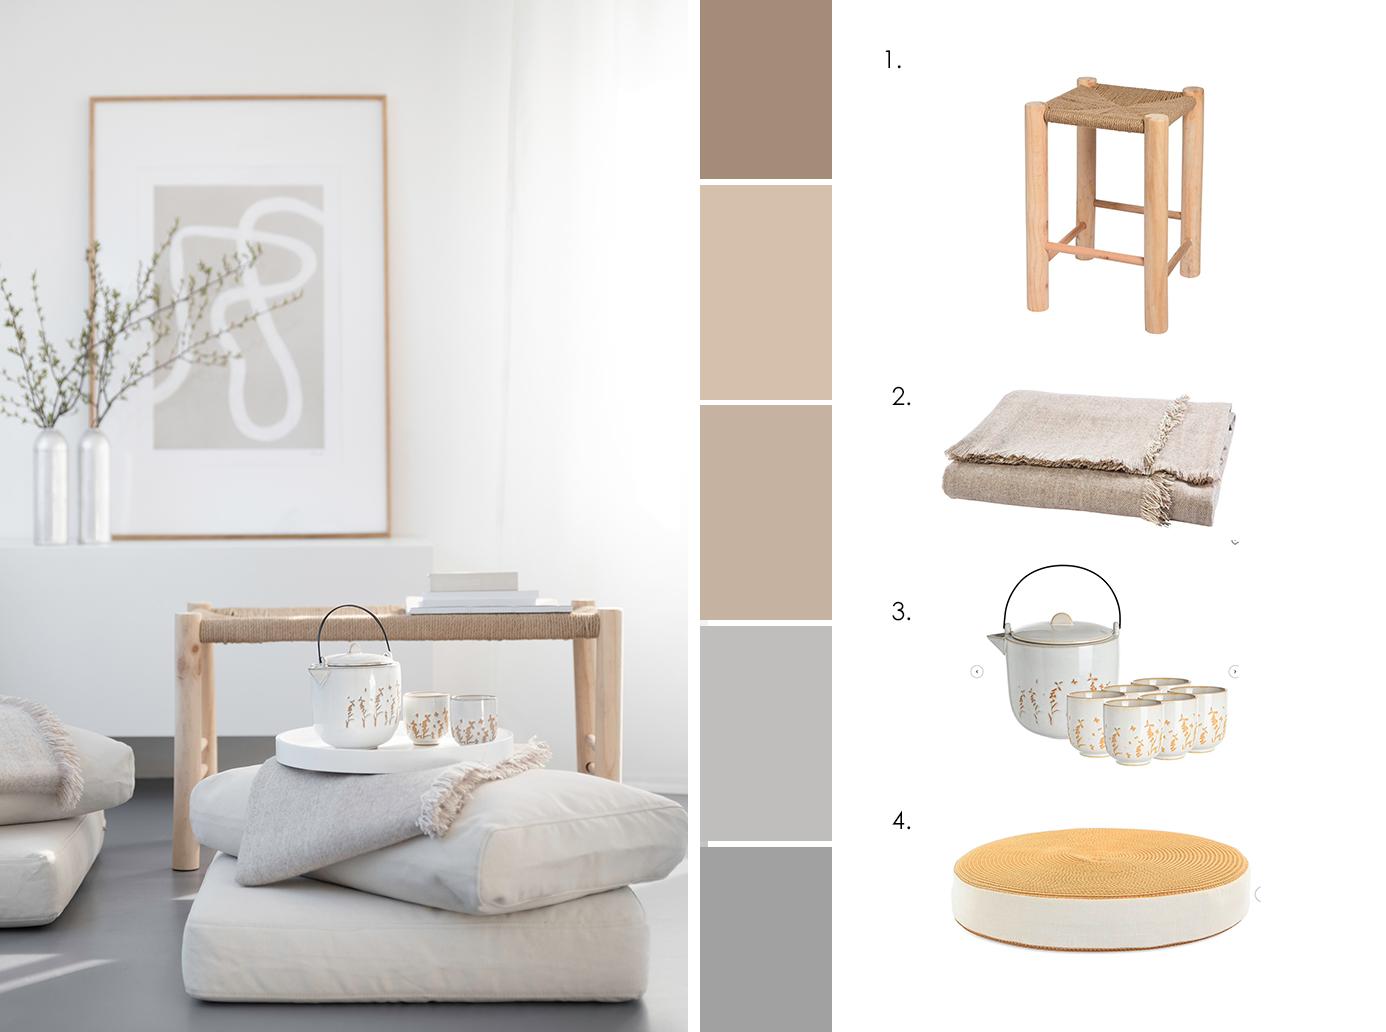 Möbel für einen Meditaionsbereich - wir erklären, wie ihr Achtsamkeit lernt!